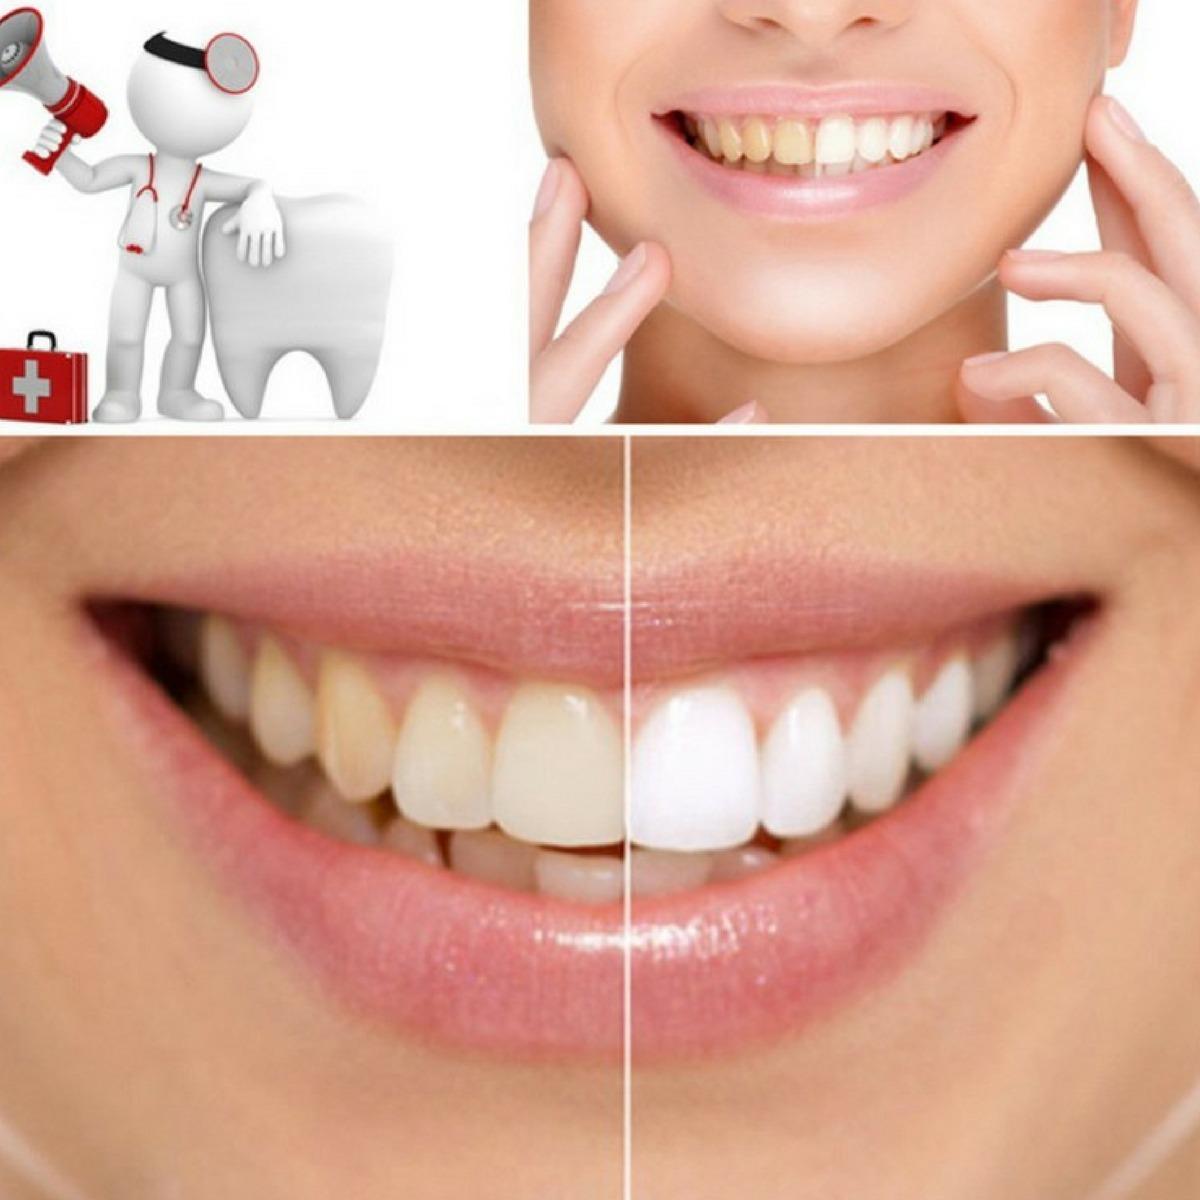 Clareamento Dental Carvao Em Po Ativado Profissional Natural R 29